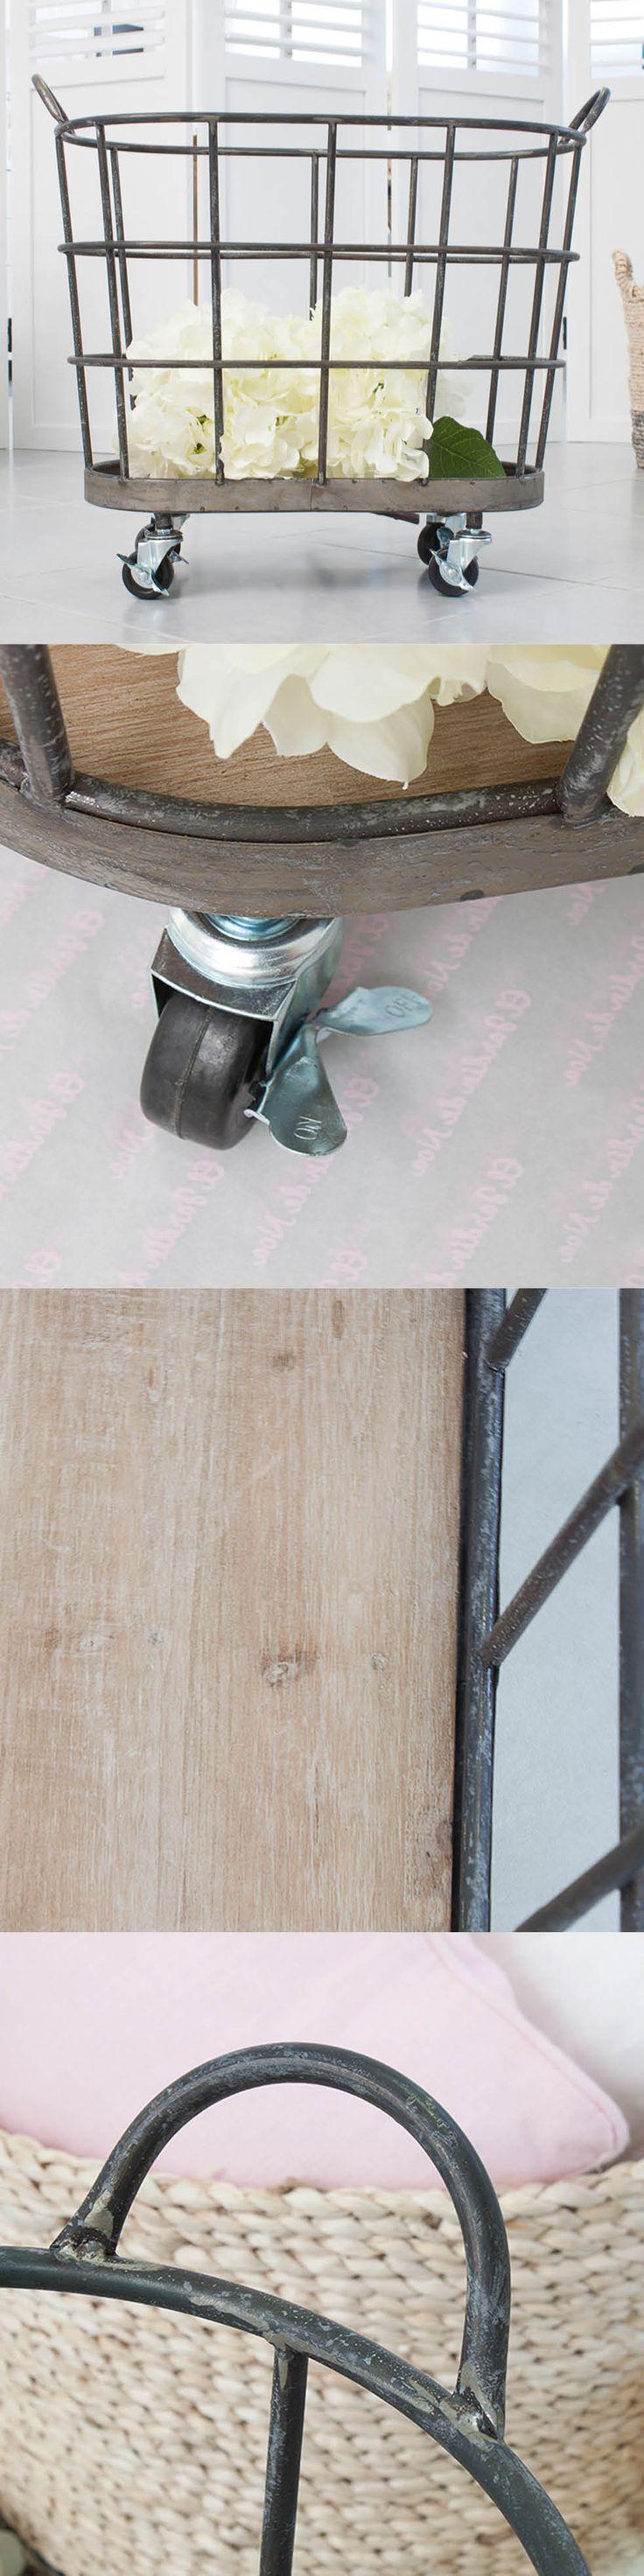 cestas metálicas - cestas decorativas